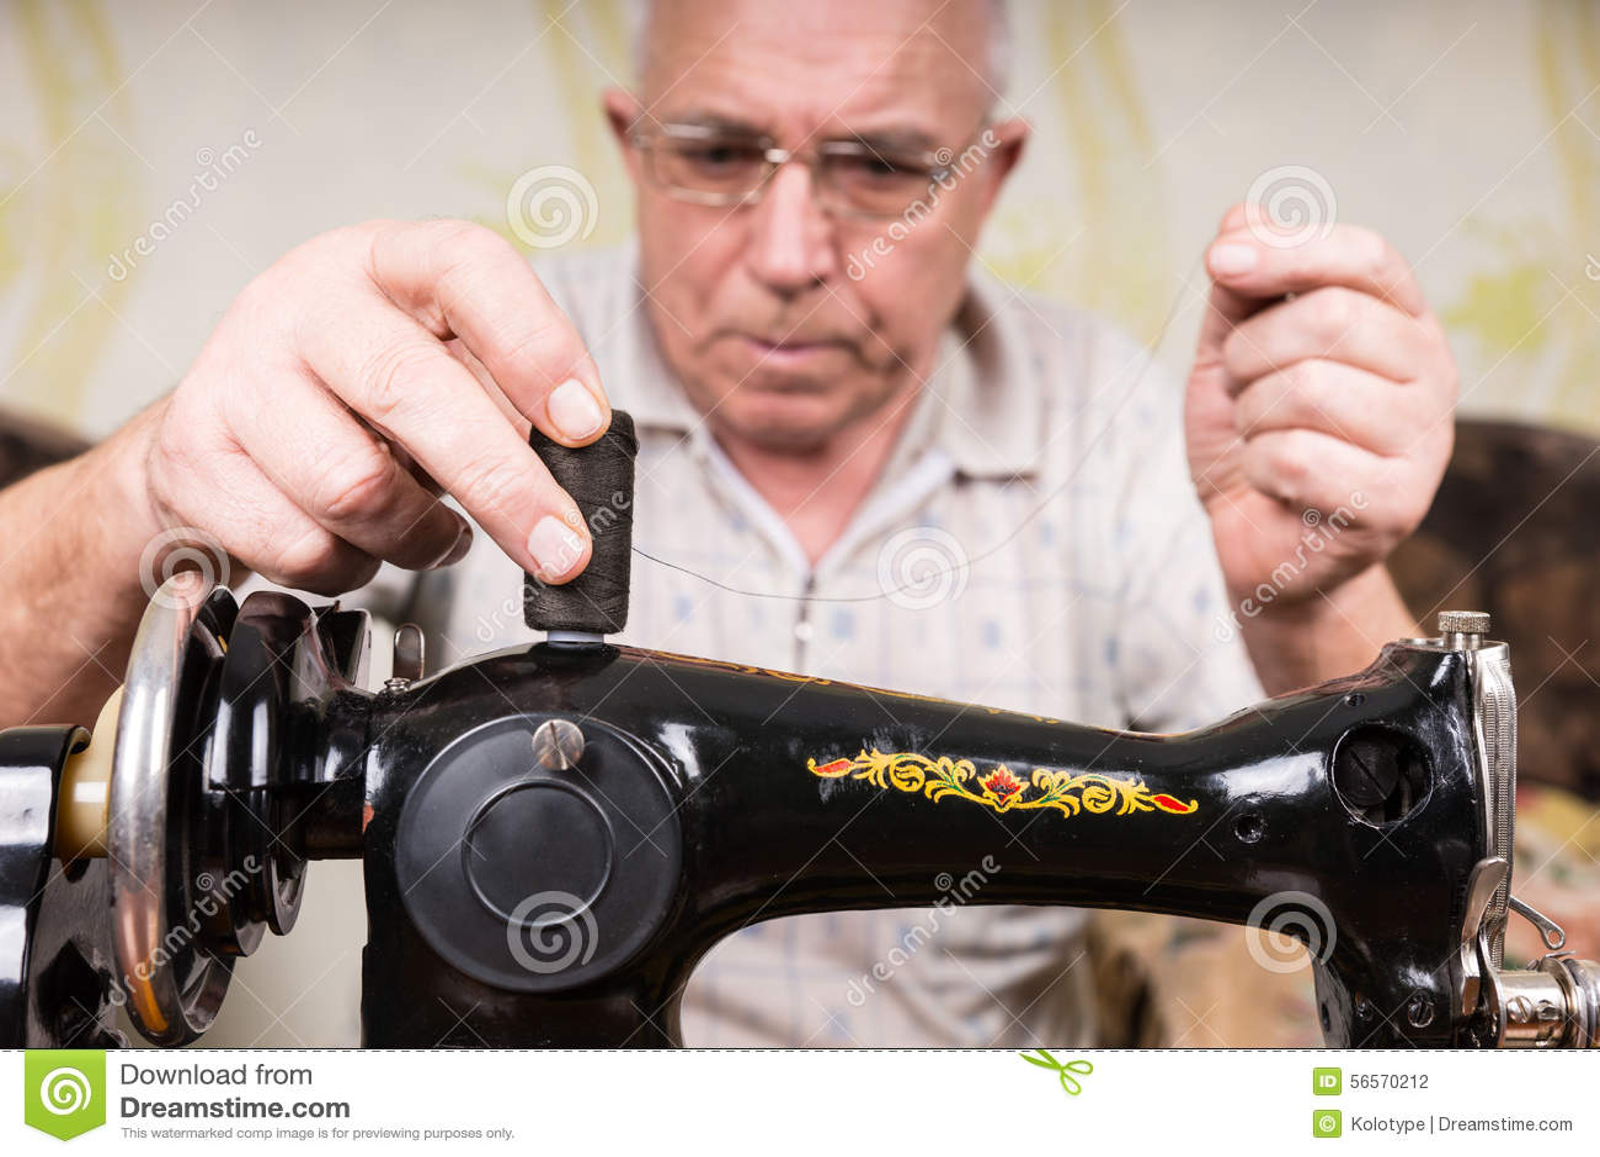 Download Ανώτερο άτομο που περνά κλωστή στην ντεμοντέ ράβοντας μηχανή Στοκ Εικόνες - εικόνα από παλαιός, ενδύματα: 56570212